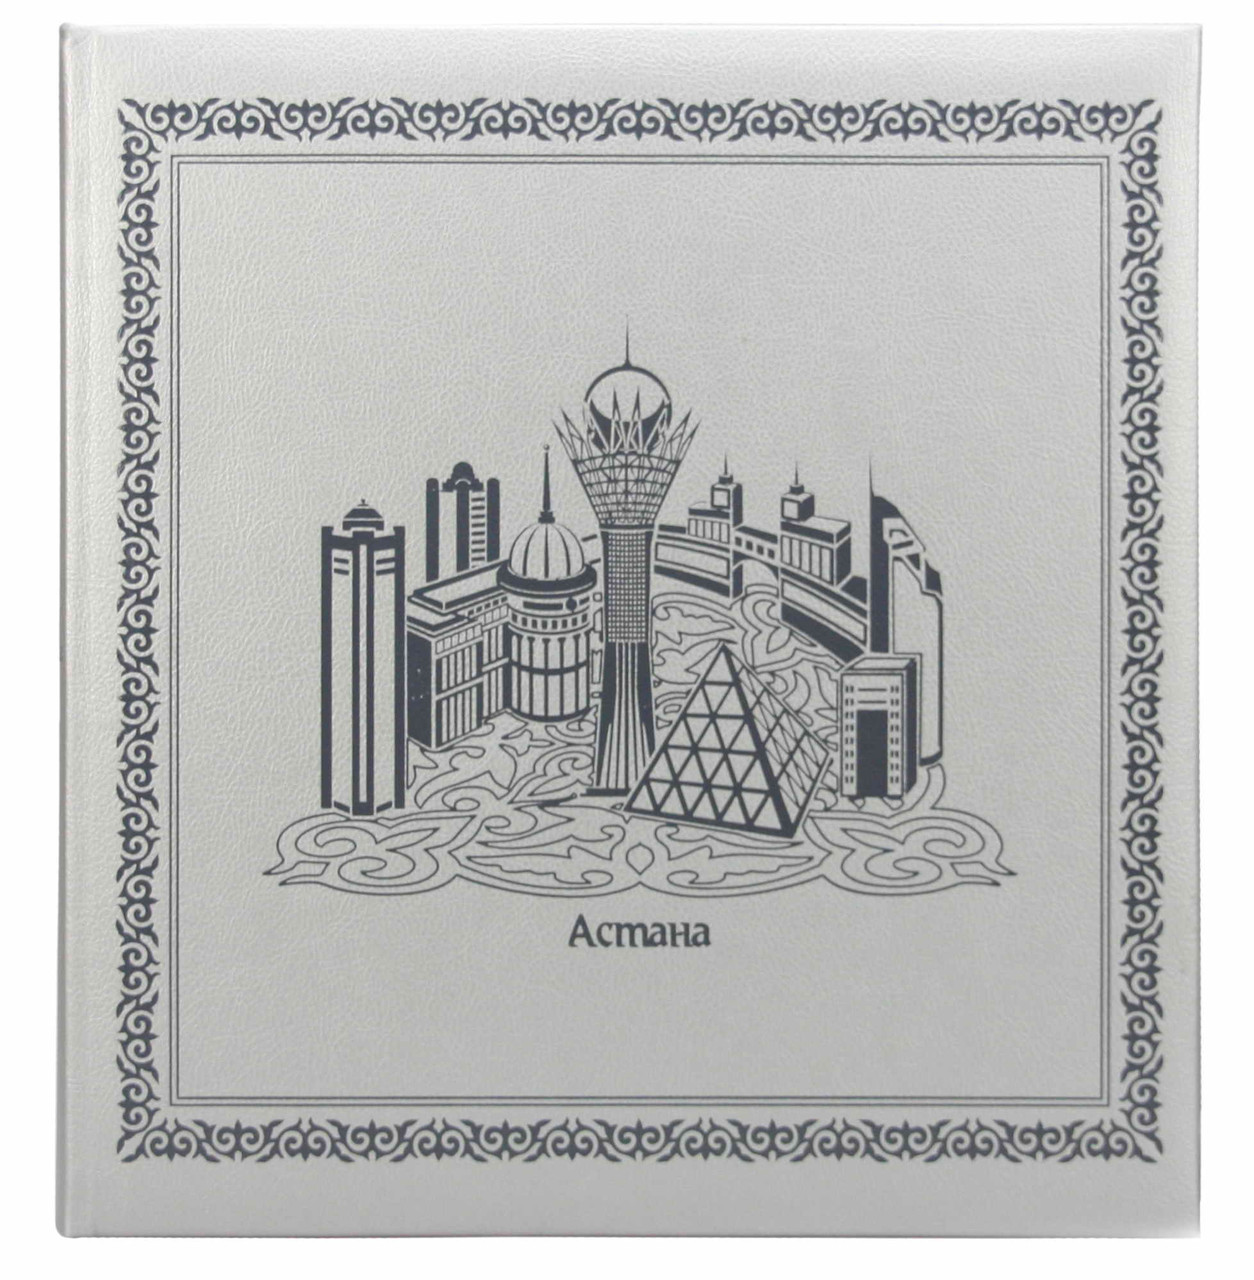 Фотоальбом, кожаный, серого цвета с изображением г. Астана